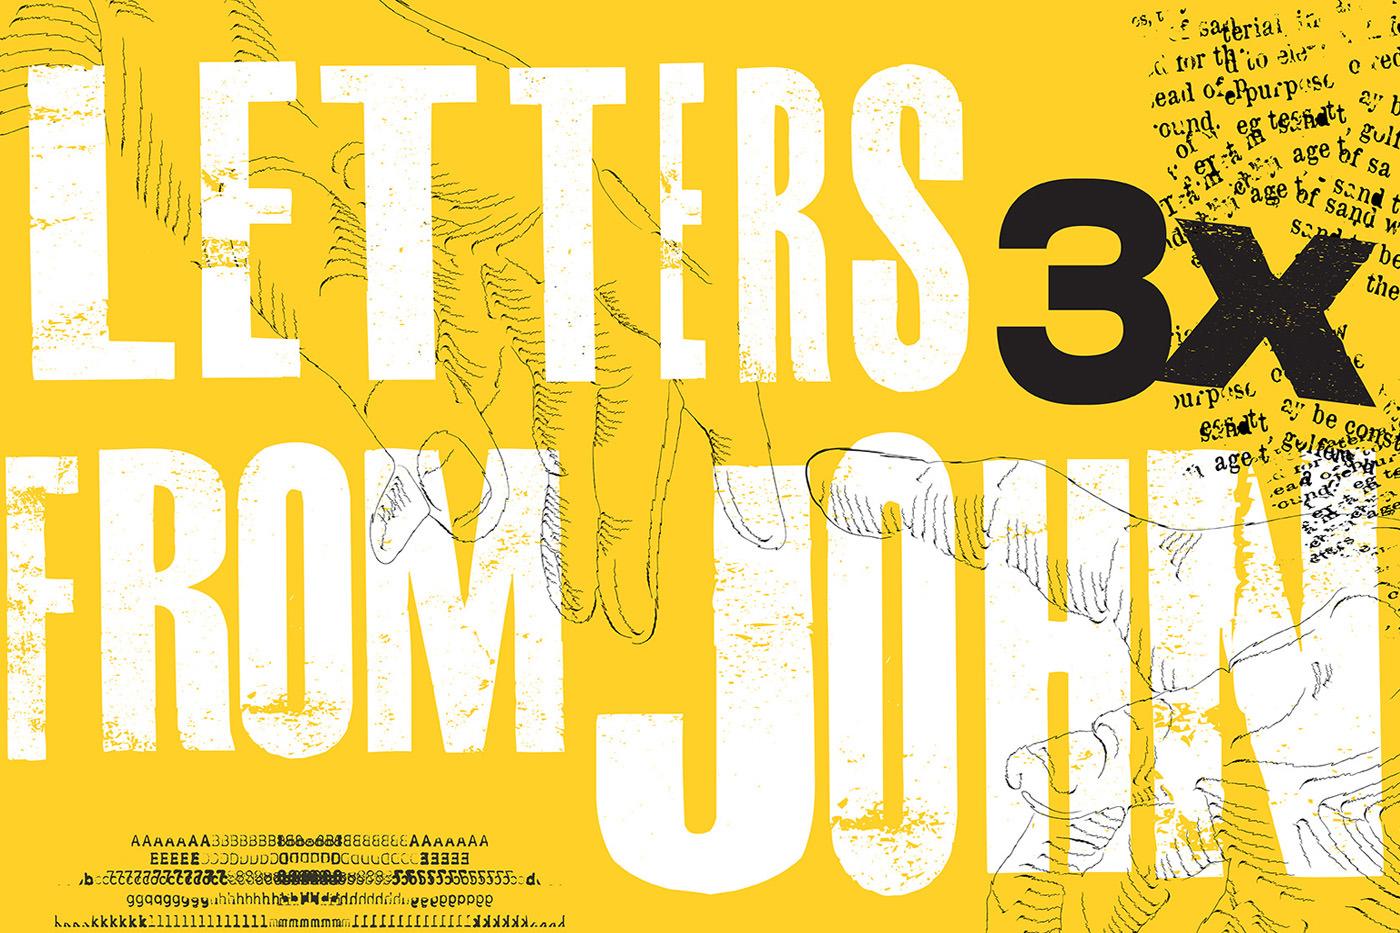 Letters From John - October Devotional